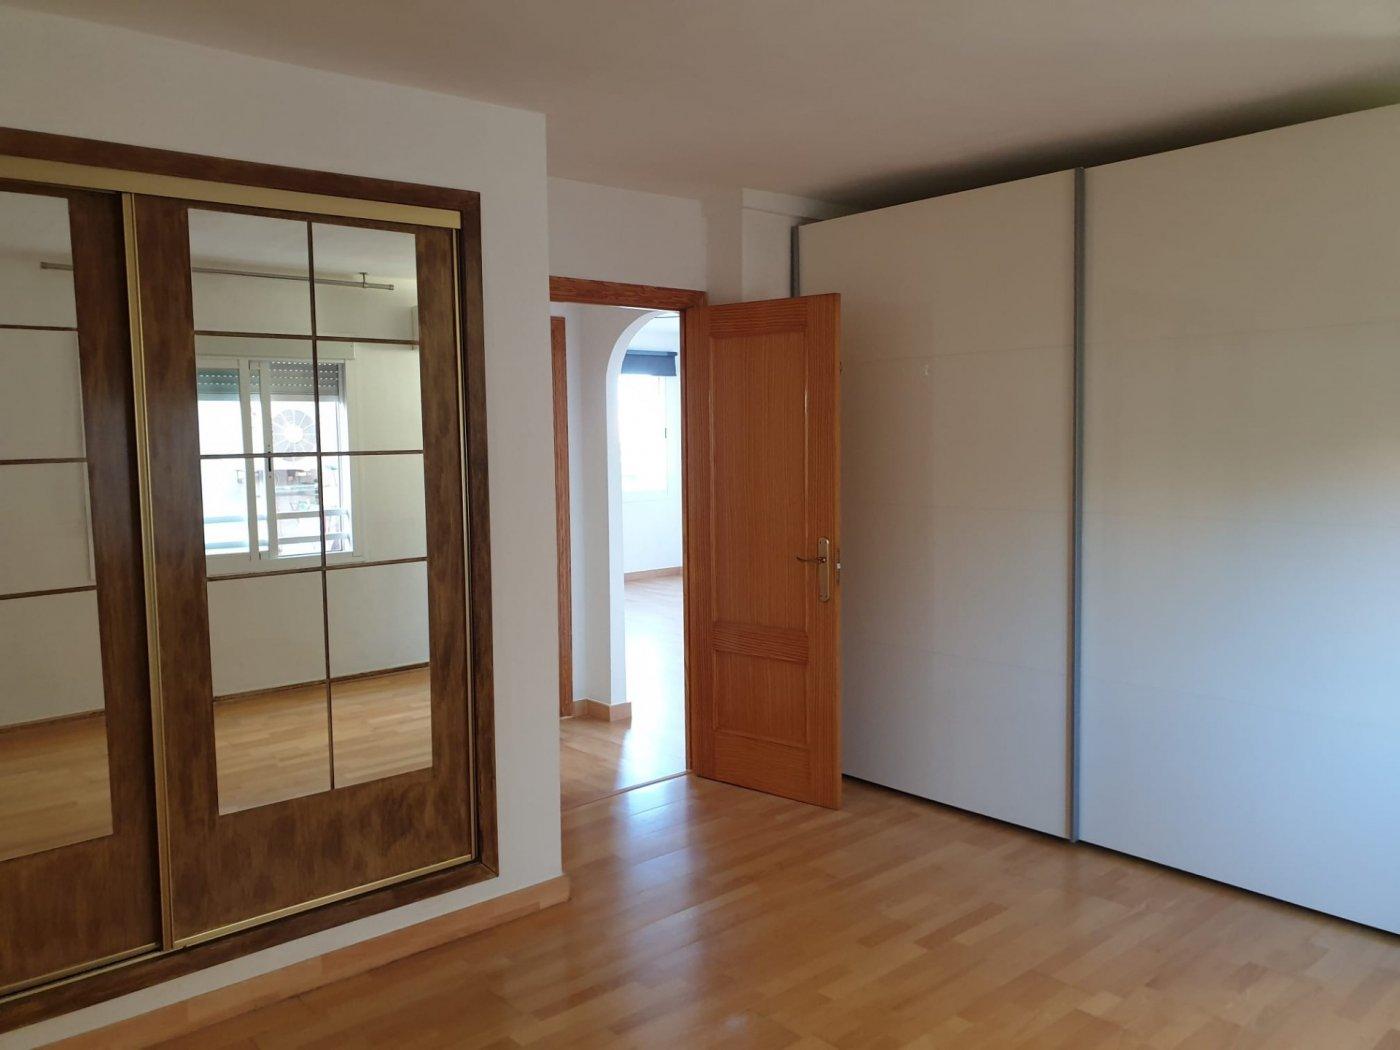 Coqueto piso de 2 dormitorios con plaza de aparcamiento en la vileta - precio: 800?/mes - imagenInmueble6